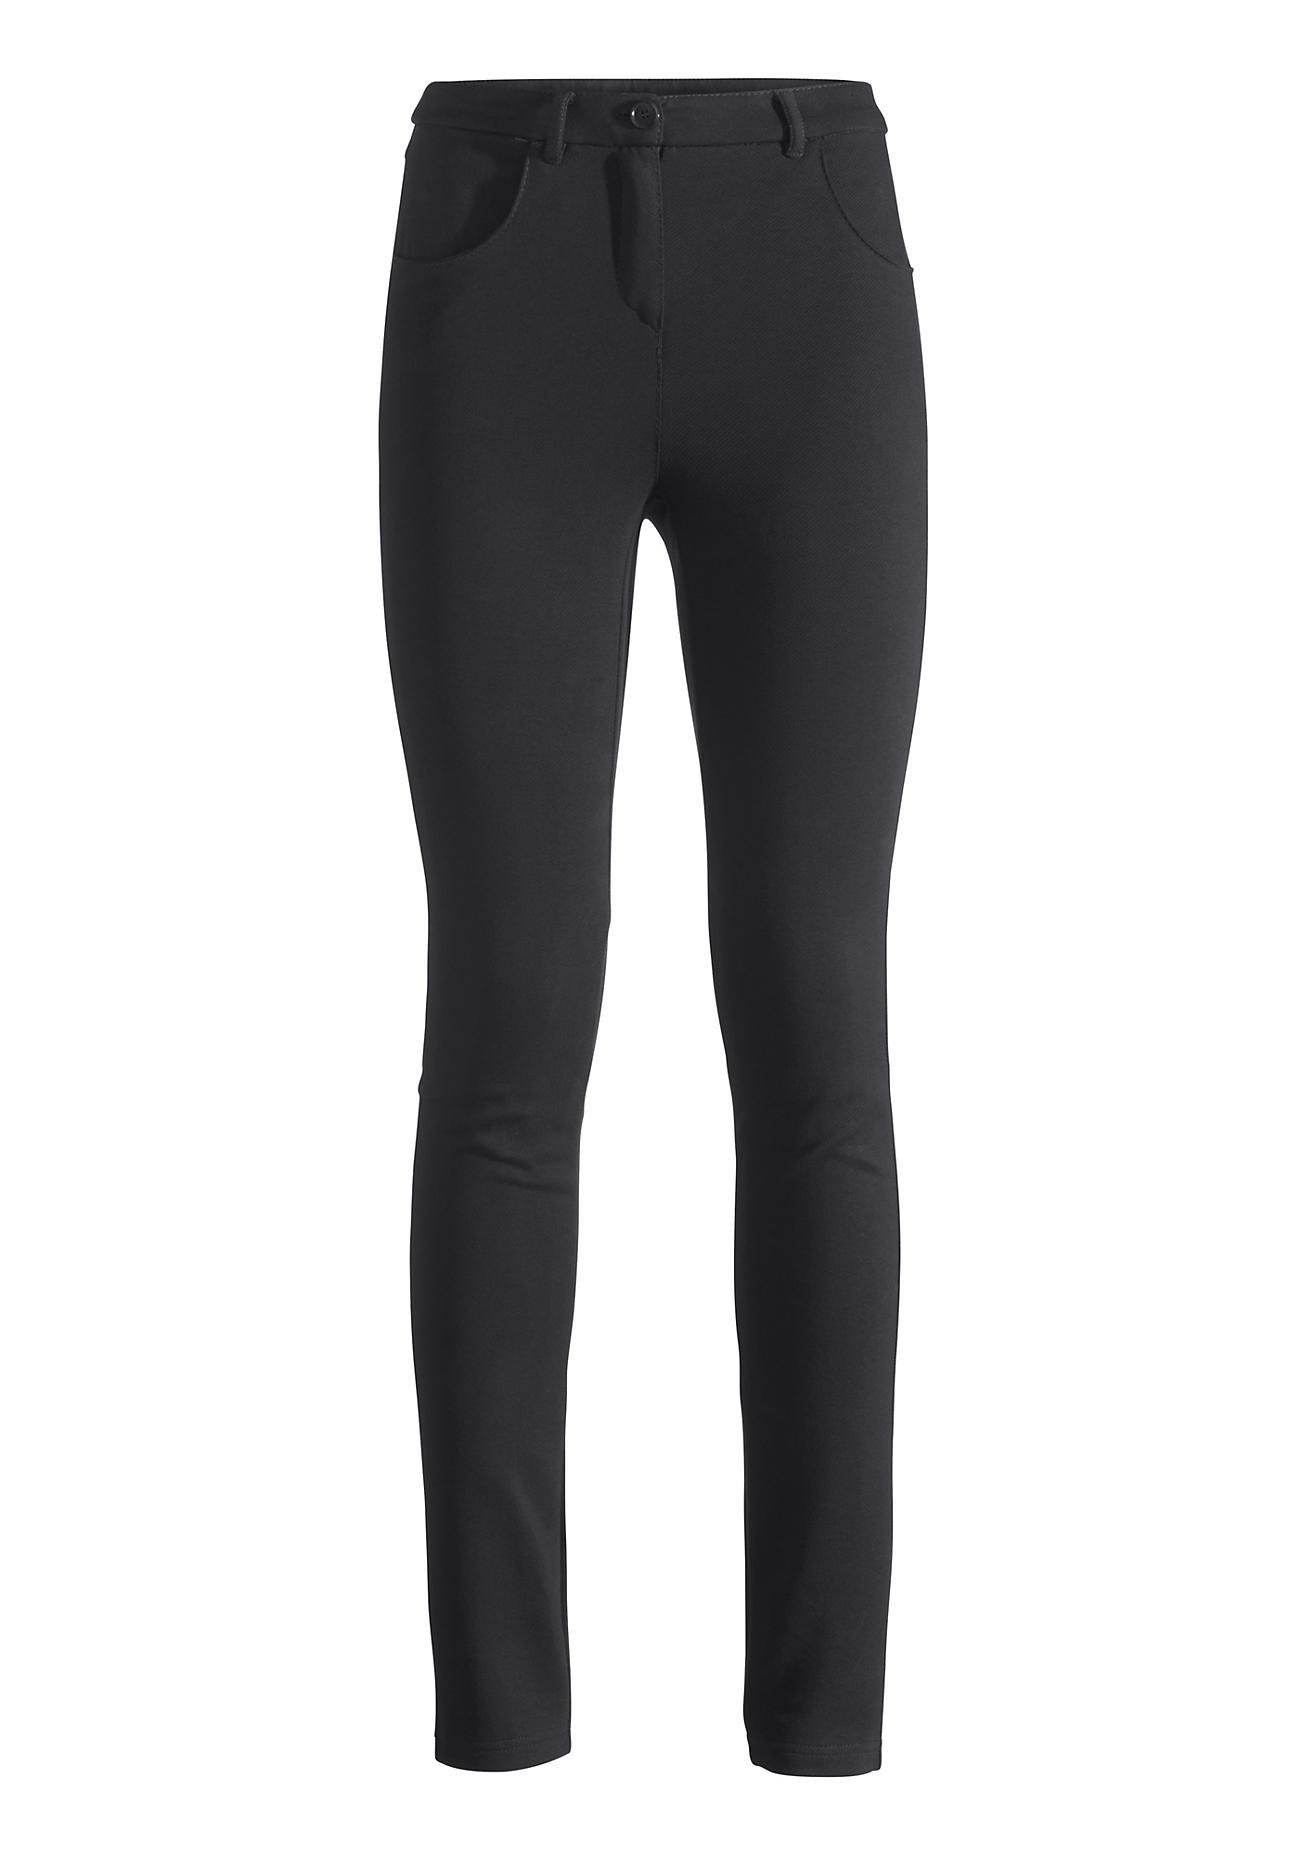 Hosen für Frauen - hessnatur Damen Hose aus Bio Baumwolle – schwarz –  - Onlineshop Hessnatur